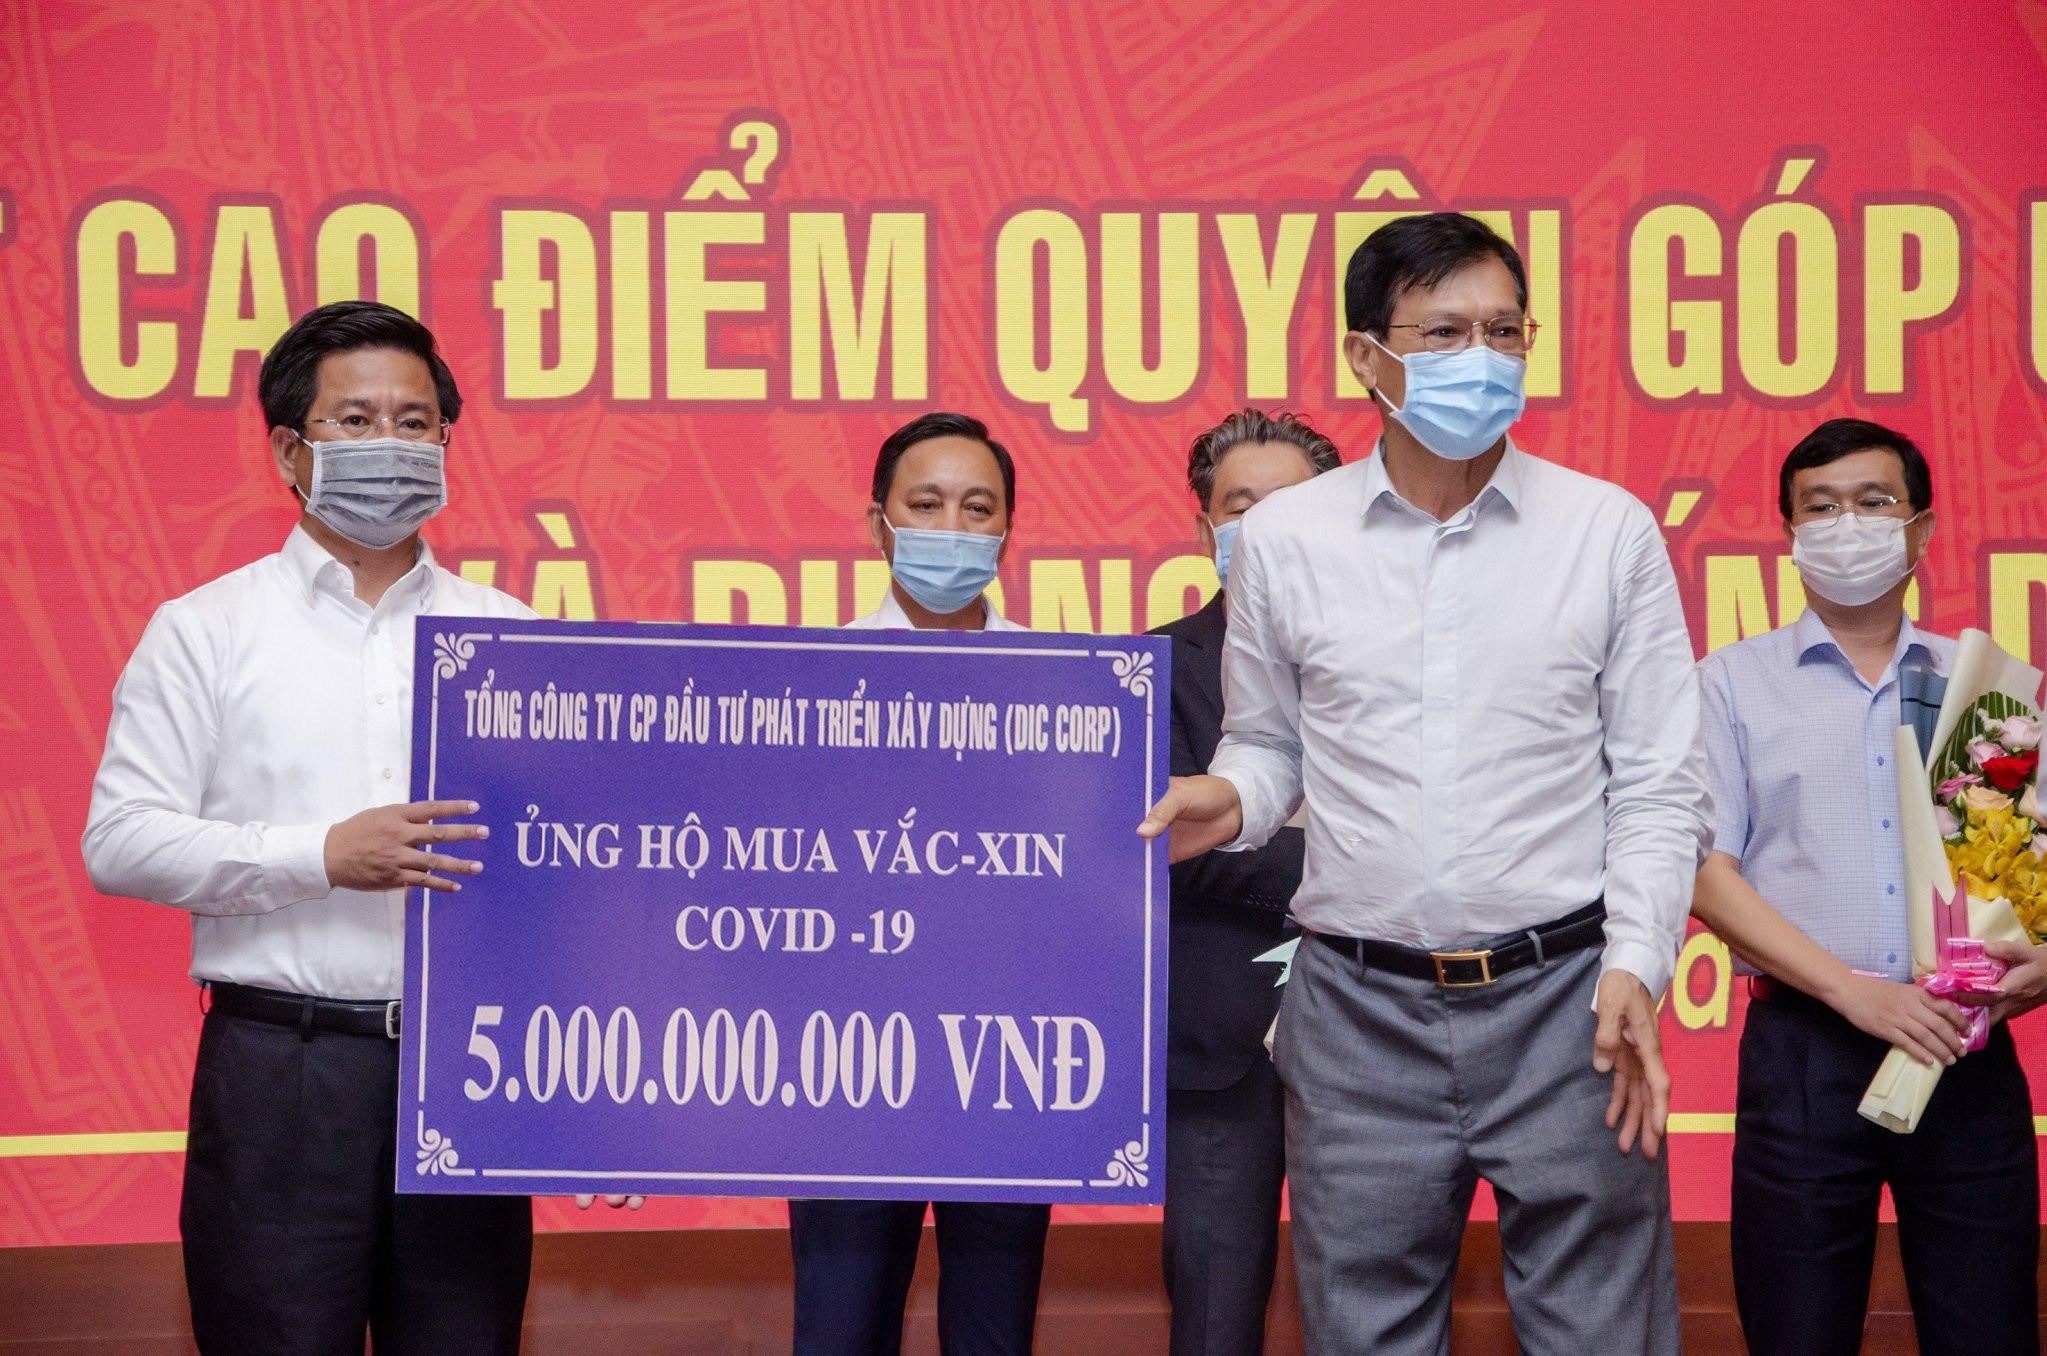 Đại diện Tập đoàn DIC trao bảng tượng trưng ủng hộ 5 tỷ đồng mua vaccine và phòng, chống Covid-19 cho Uỷ ban Mặt trận Tổ quốc Việt Nam tỉnh Bà Rịa - Vũng Tàu.